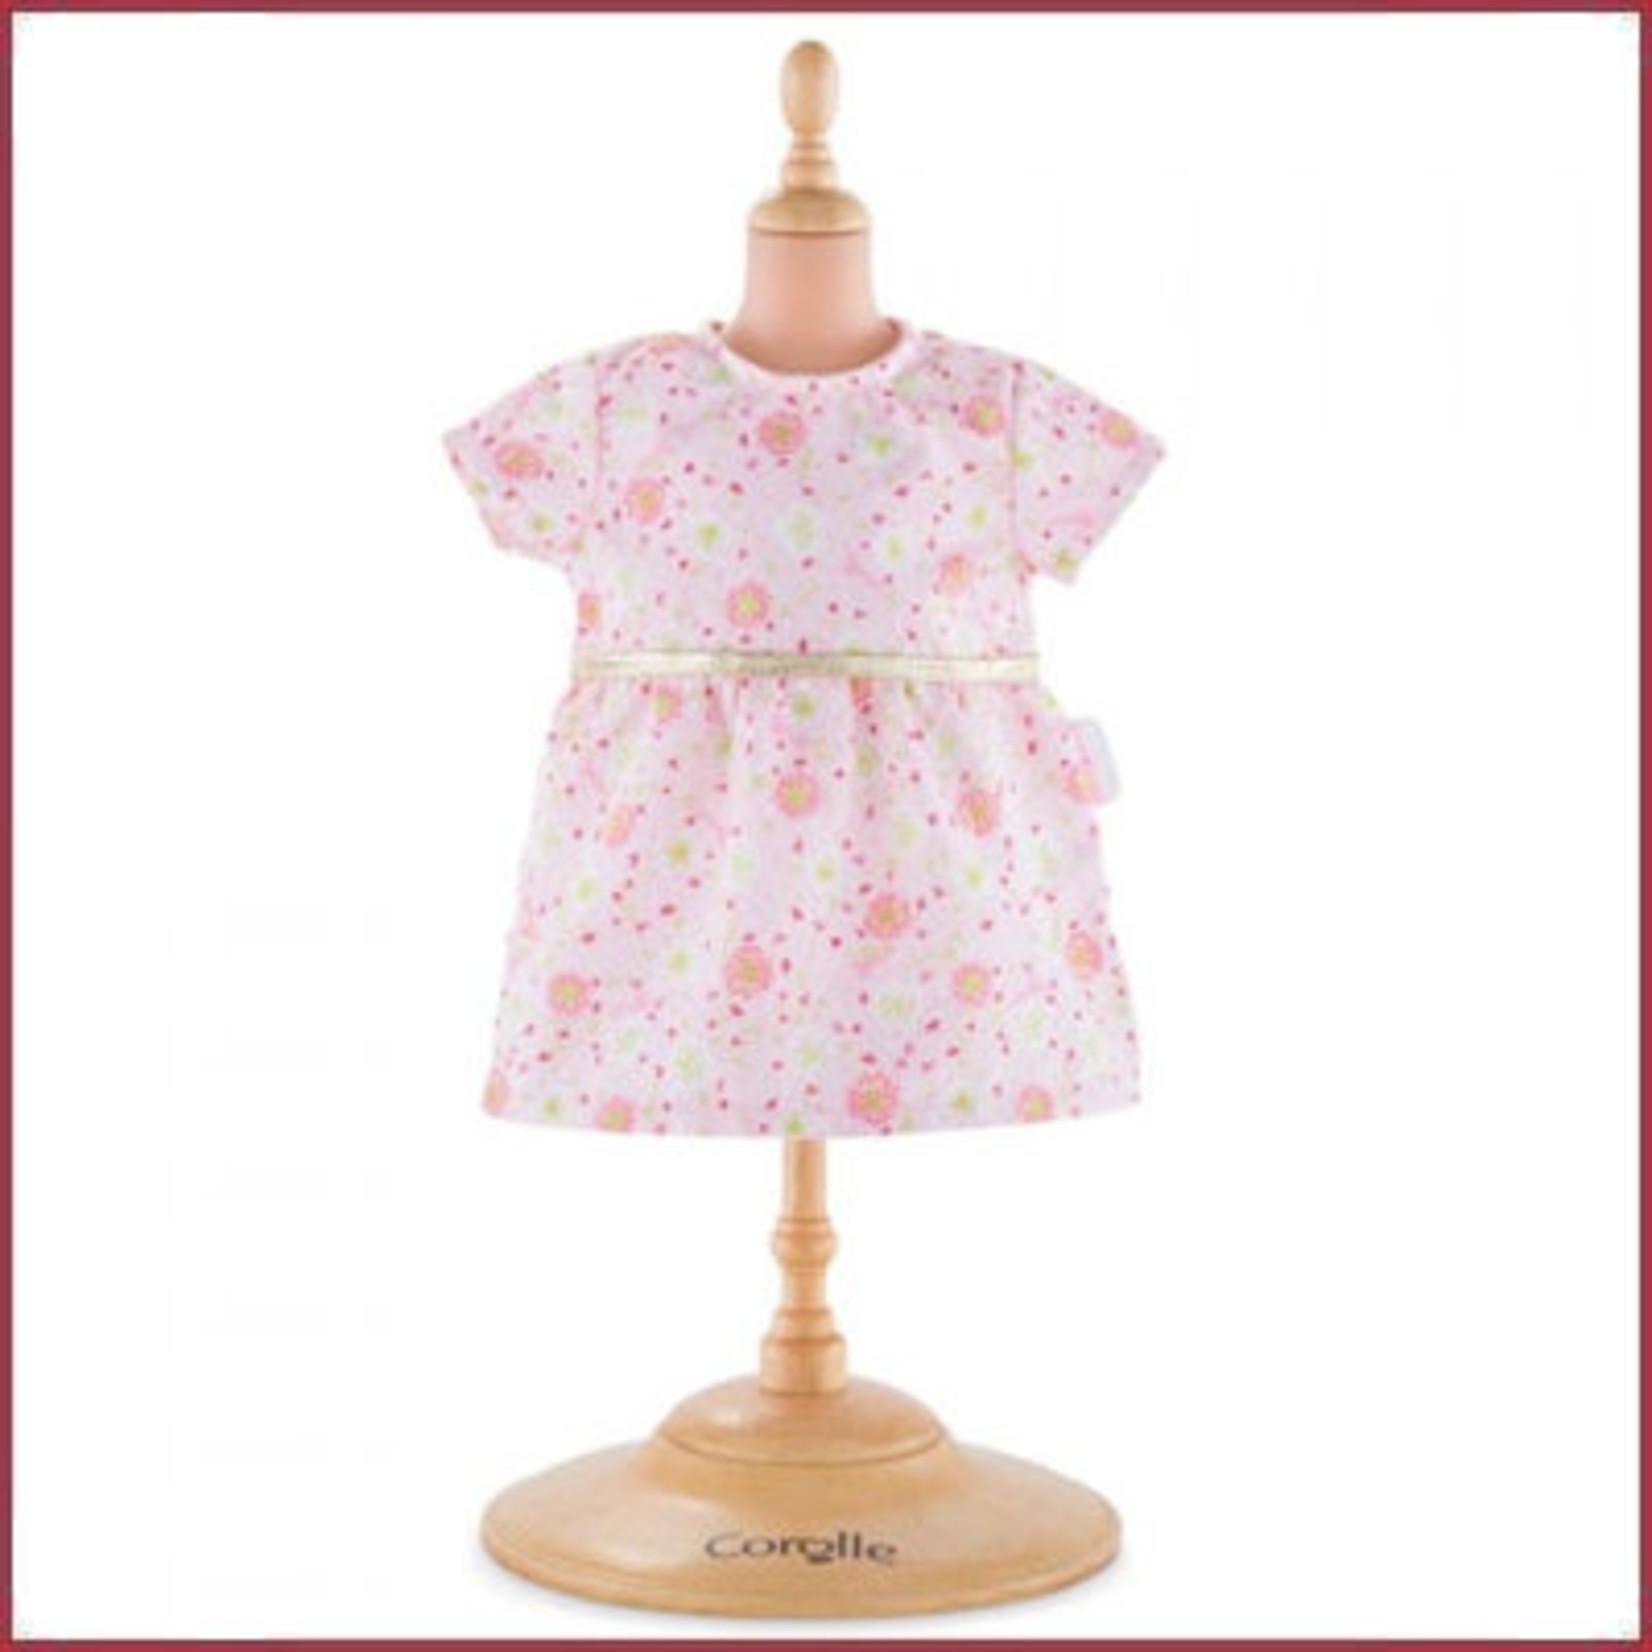 Corolle Jurkje roze voor Corolle babypopje 30cm